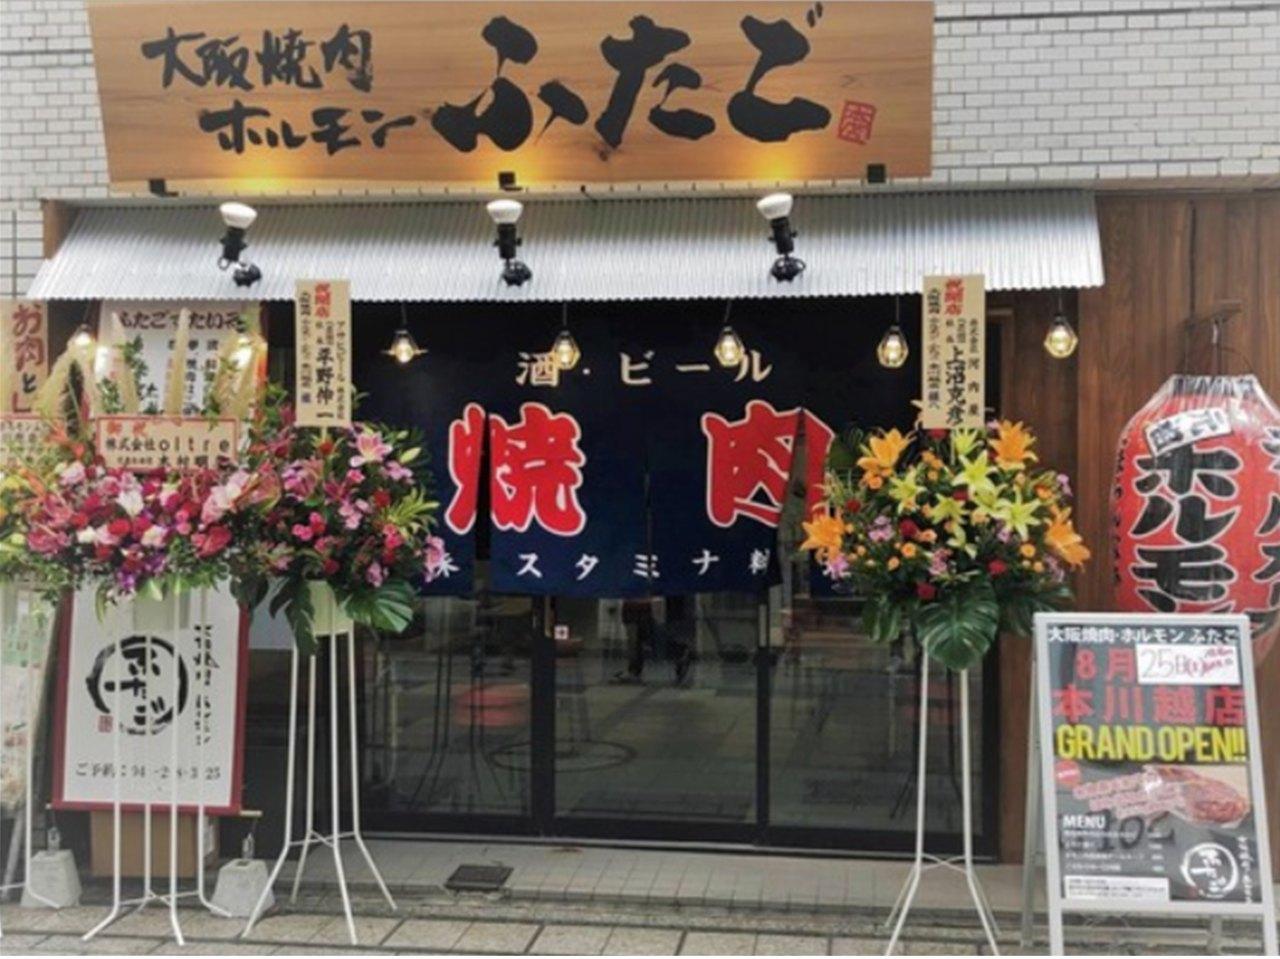 大阪焼肉・ホルモン ふたご本川越店のアルバイト情報